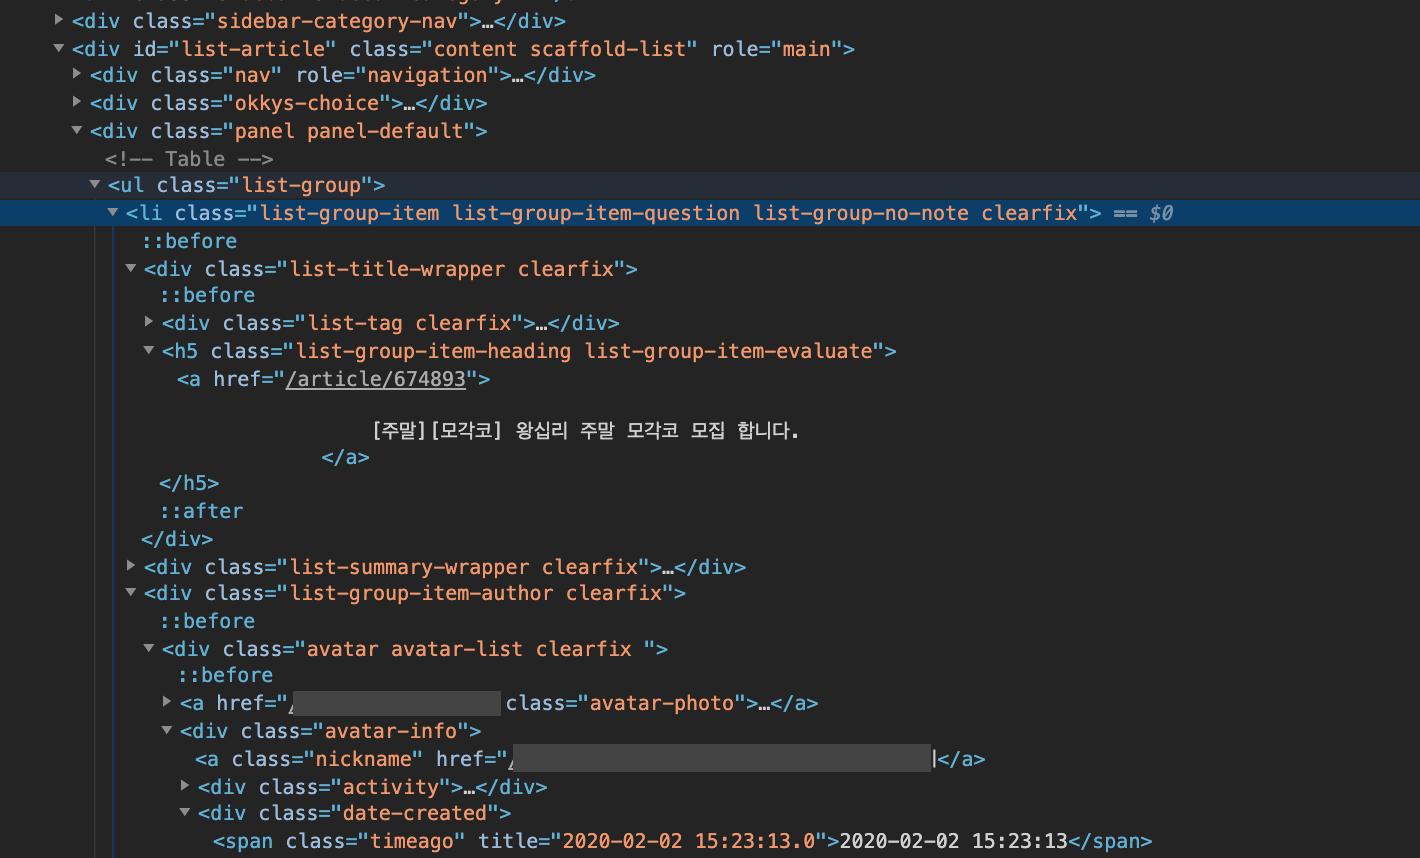 제목과 작성 시각 html code